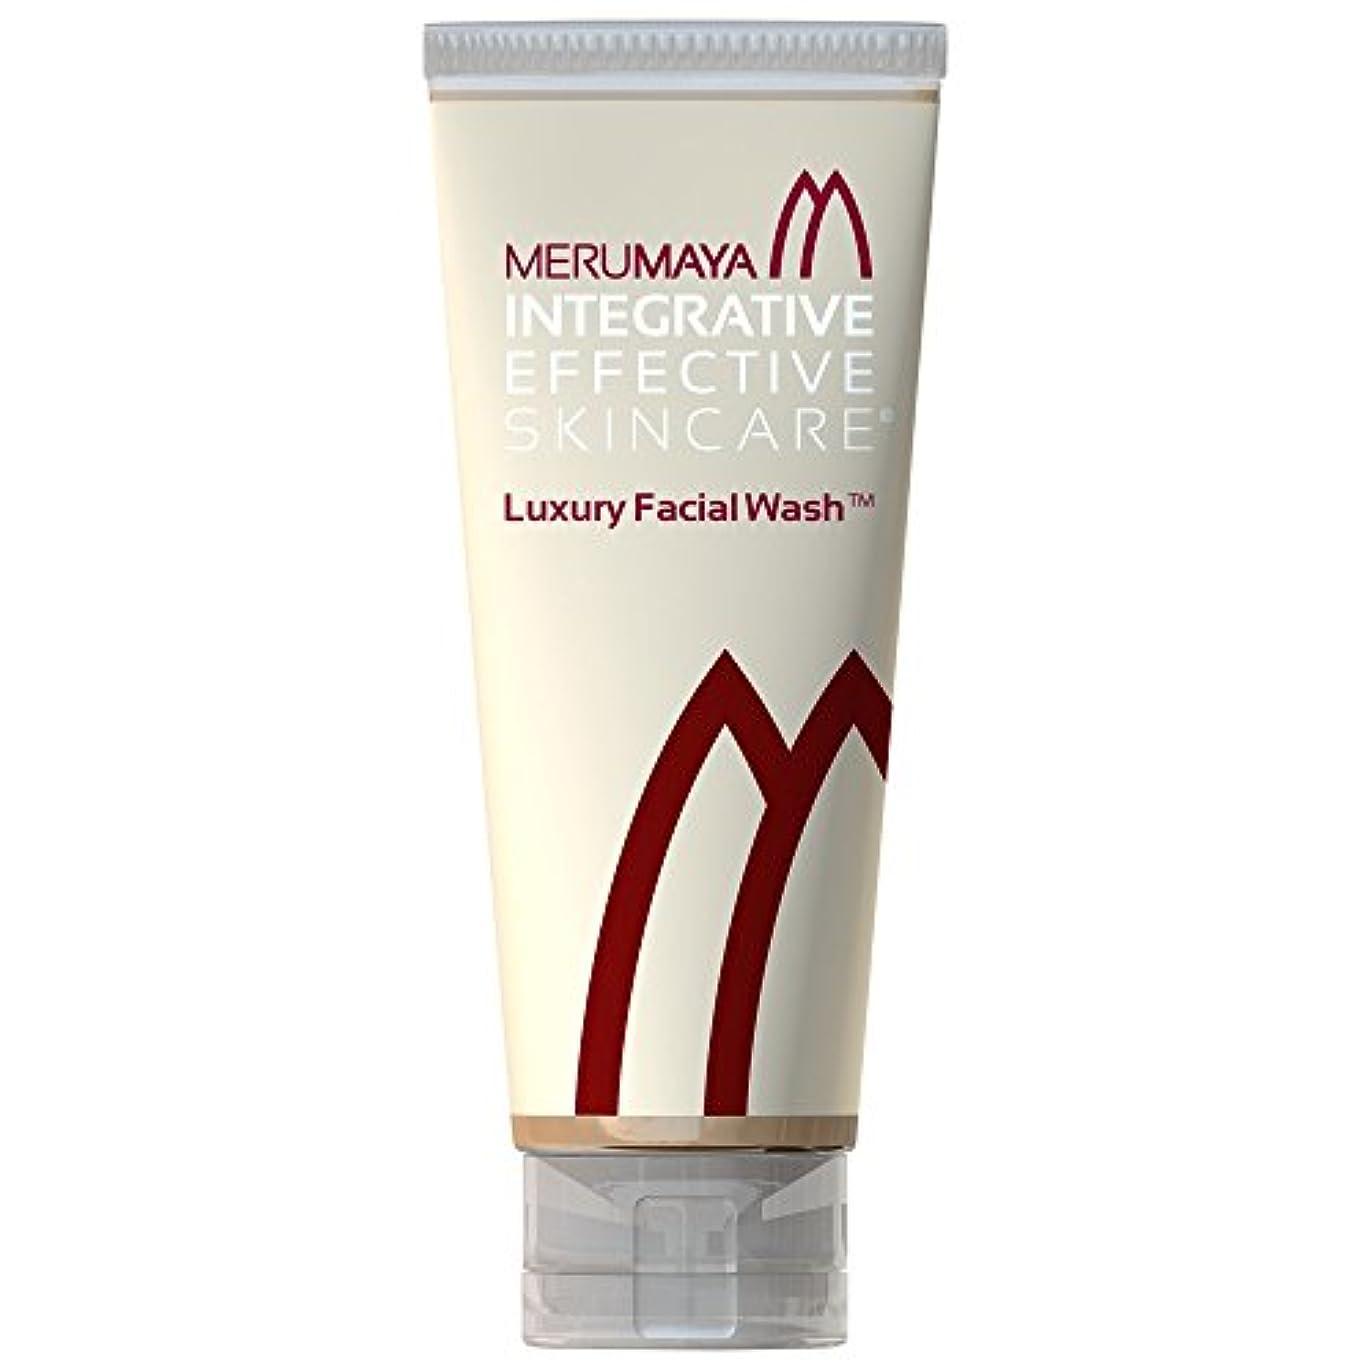 傑作ミット考えMerumaya高級洗顔?、100ミリリットル (Merumaya) (x2) - MERUMAYA Luxury Facial Wash?, 100ml (Pack of 2) [並行輸入品]